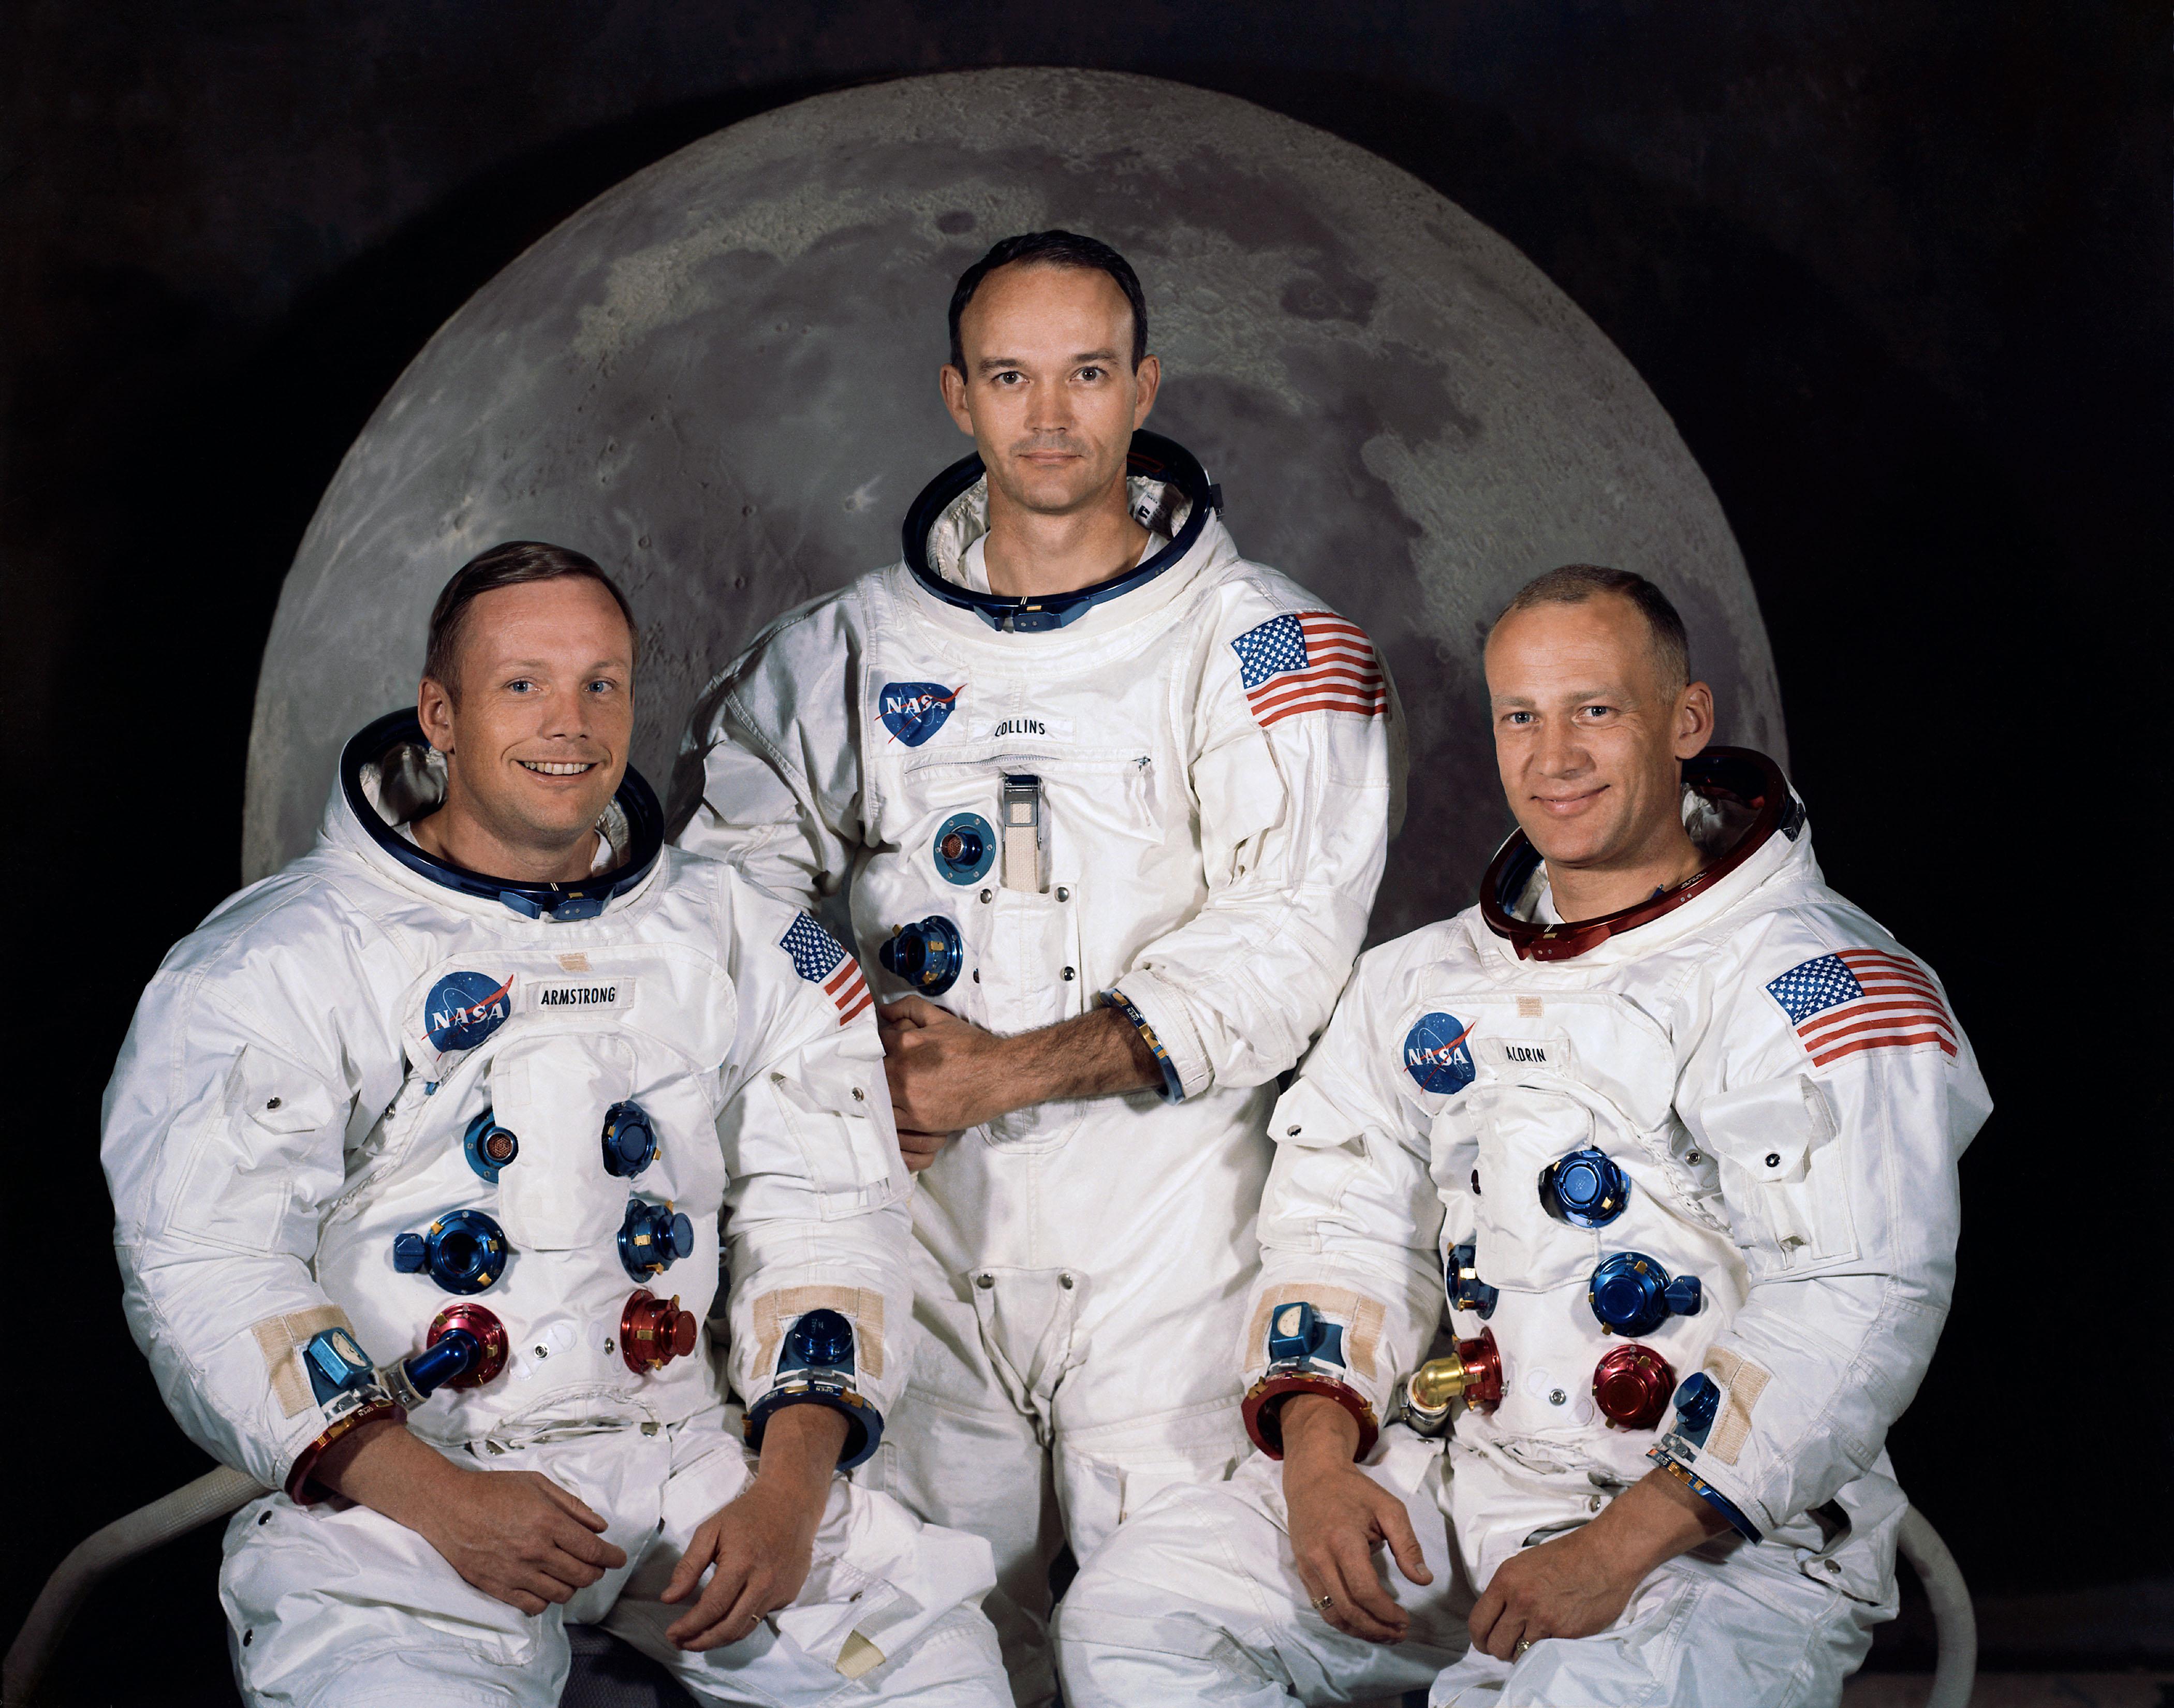 A tripulação da missão Apollo 11, da esquerda para a direita: Neil A. Armstrong, comandante; Michael Collins, piloto do módulo de comando; e Edwin E. Aldrin Jr., piloto do módulo lunar.